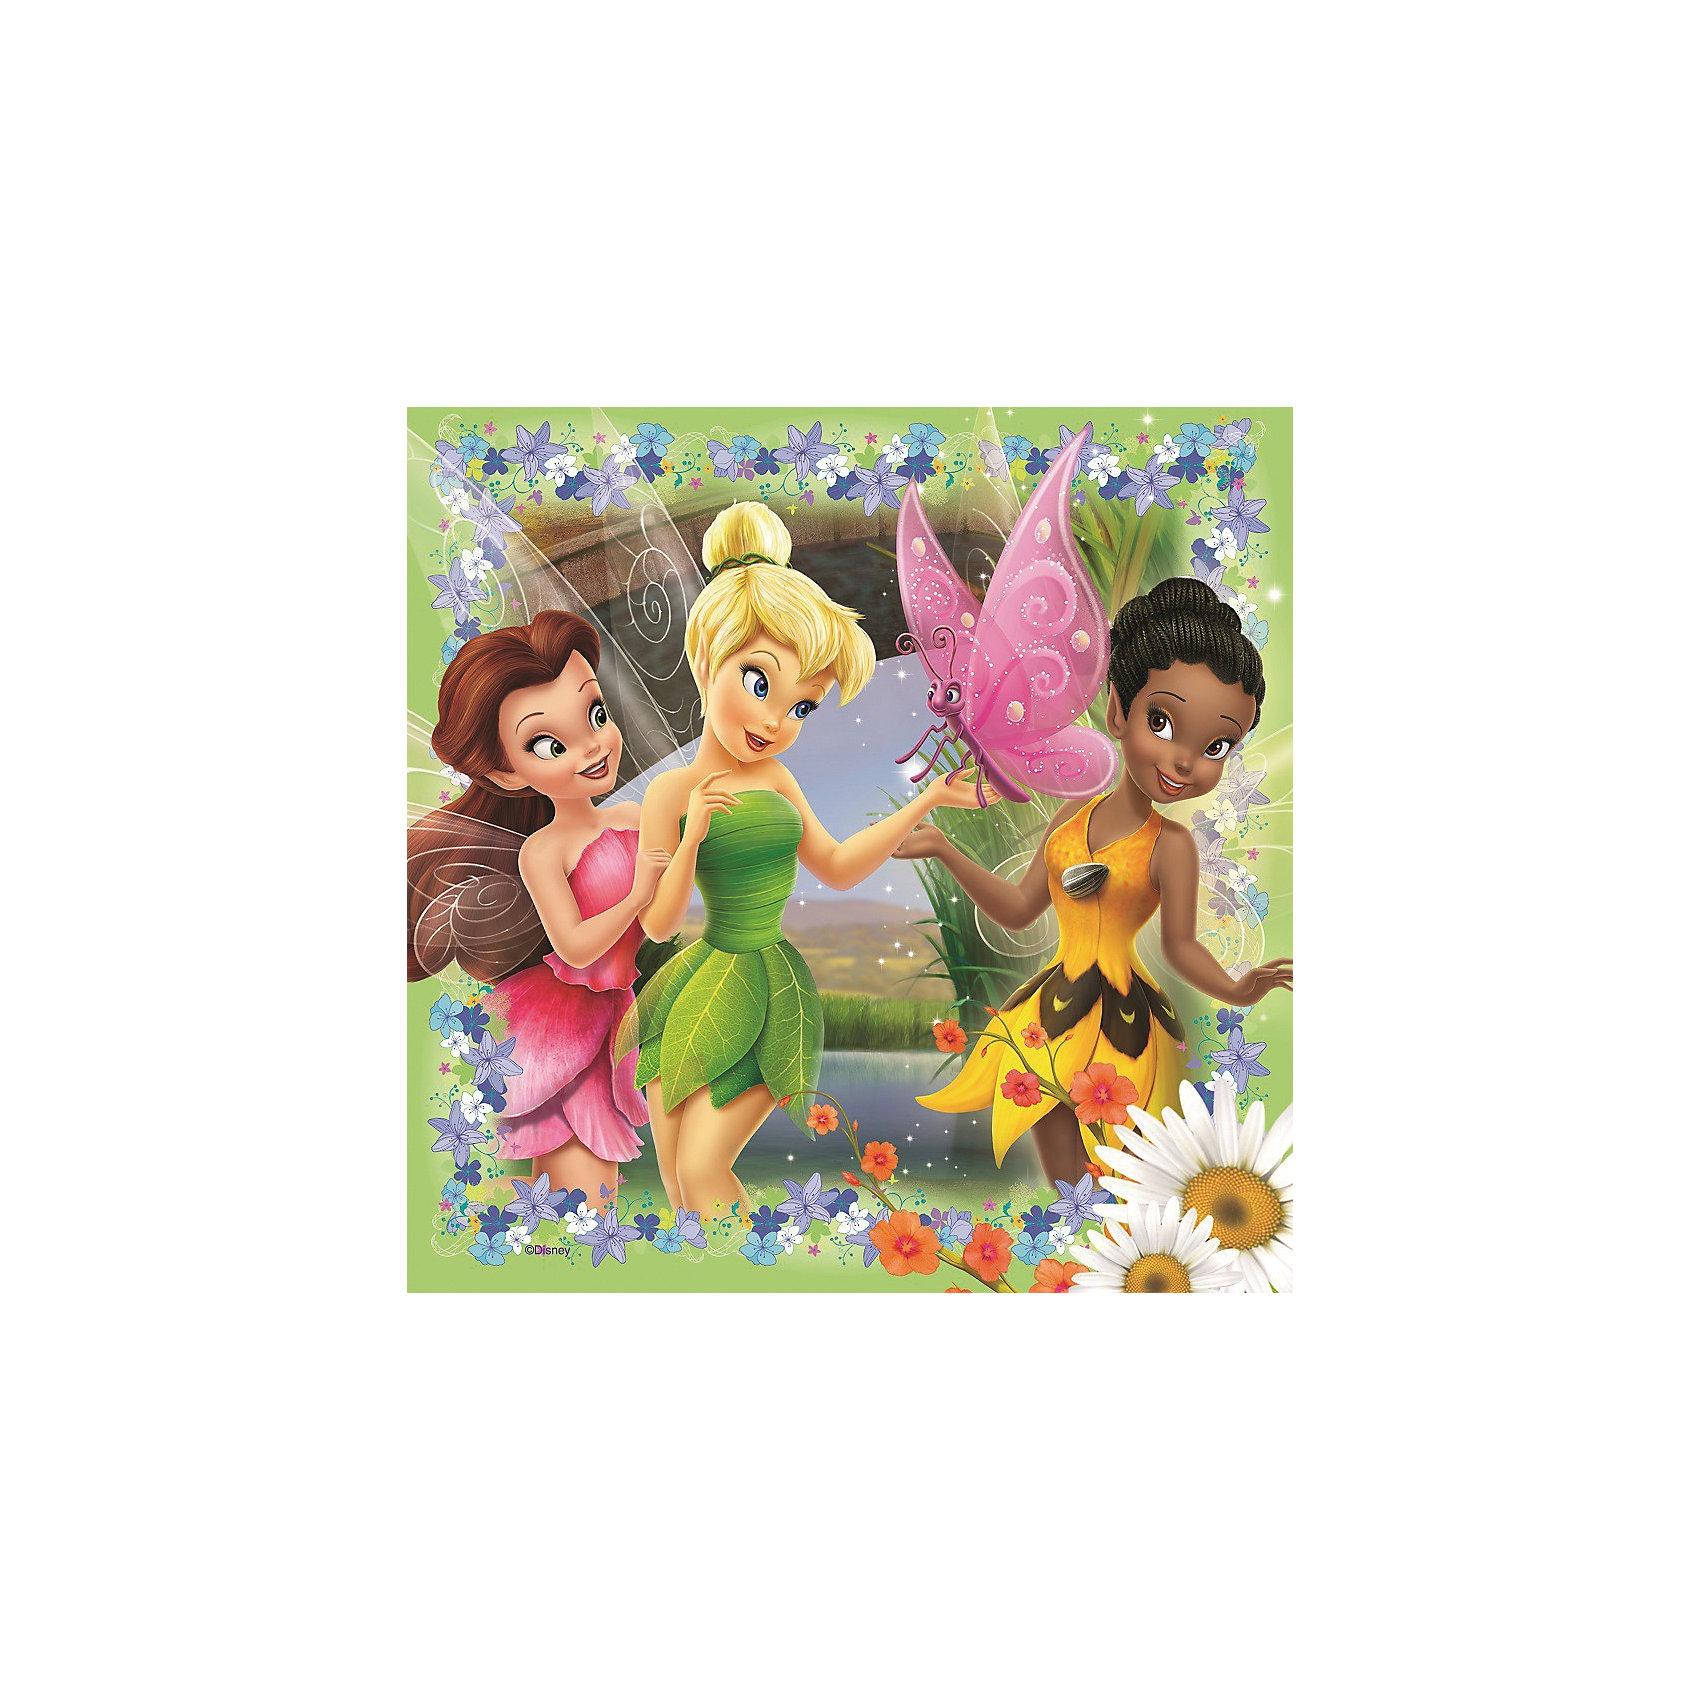 Пазл «Феи» набор из 25*36*49 деталей, RavensburgerПазлы для малышей<br>Собирать пазл «Феи» от Ravensburger (Равенсбургер) - это просто праздник для девочки. Феи Диснея (Disney) олицетворение красоты, нежности и доброты! Раньше малышка могла наблюдать за приключениями любимых героинь только с экрана, теперь может собрать картинки из их жизни у себя дома. В замечательном наборе 3 пазла. На них изображены феи в своих прекрасных нарядах. Картинки крупные и яркие, поэтому девочка будет с удовольствием собирать их снова и снова! Картинки получаются настолько яркими и привлекательными, что их можно использовать, как украшение комнаты, стоит только наклеить пазлы на картон. Вас порадует, что плотный картон, из которого состоит пазл не мнется во время сборки, яркая картинка защищена от расслаивания, благодаря чему такой пазл способен служить долгое время.<br>Набор пазлов Феи от Ravensburger (Равенсбургер) - это полезное и увлекательное занятие для всей семьи!<br> <br>Дополнительная информация:<br><br>- Набор из 3 пазлов;<br>- Развивает моторику и внимание;<br>- Прекрасный подарок любительнице мультфильмов Диснея (Disney);<br>- Матовая поверхность исключает отблески;<br>- Очень качественные элементы не расслаиваются;<br>- Материал: картон;<br>- Размер готовой картинки: 18 х 18 см;<br>- Размер упаковки: 22 х 22 х 7 см;<br>- Вес: 325 г<br><br>Пазл «Феи» набор из 25*36*49 деталей, Ravensburger (Равенсбургер) можно купить в нашем интернет-магазине.<br><br>Ширина мм: 220<br>Глубина мм: 220<br>Высота мм: 70<br>Вес г: 315<br>Возраст от месяцев: 48<br>Возраст до месяцев: 84<br>Пол: Унисекс<br>Возраст: Детский<br>Количество деталей: 25<br>SKU: 3787602